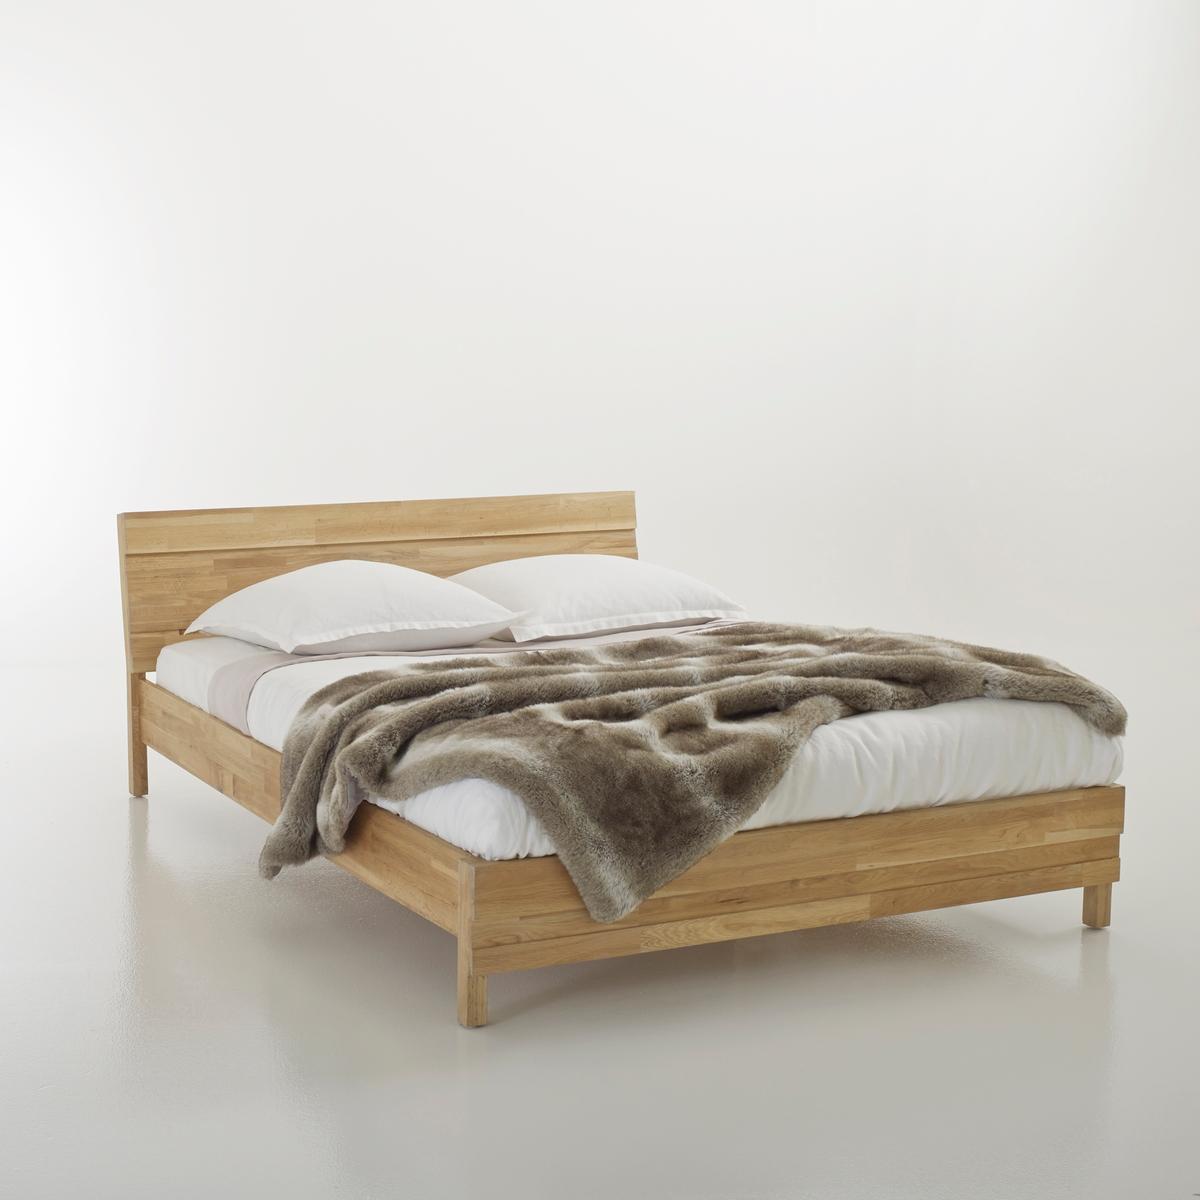 Кровать из массива дуба с соединением встык, Ariles